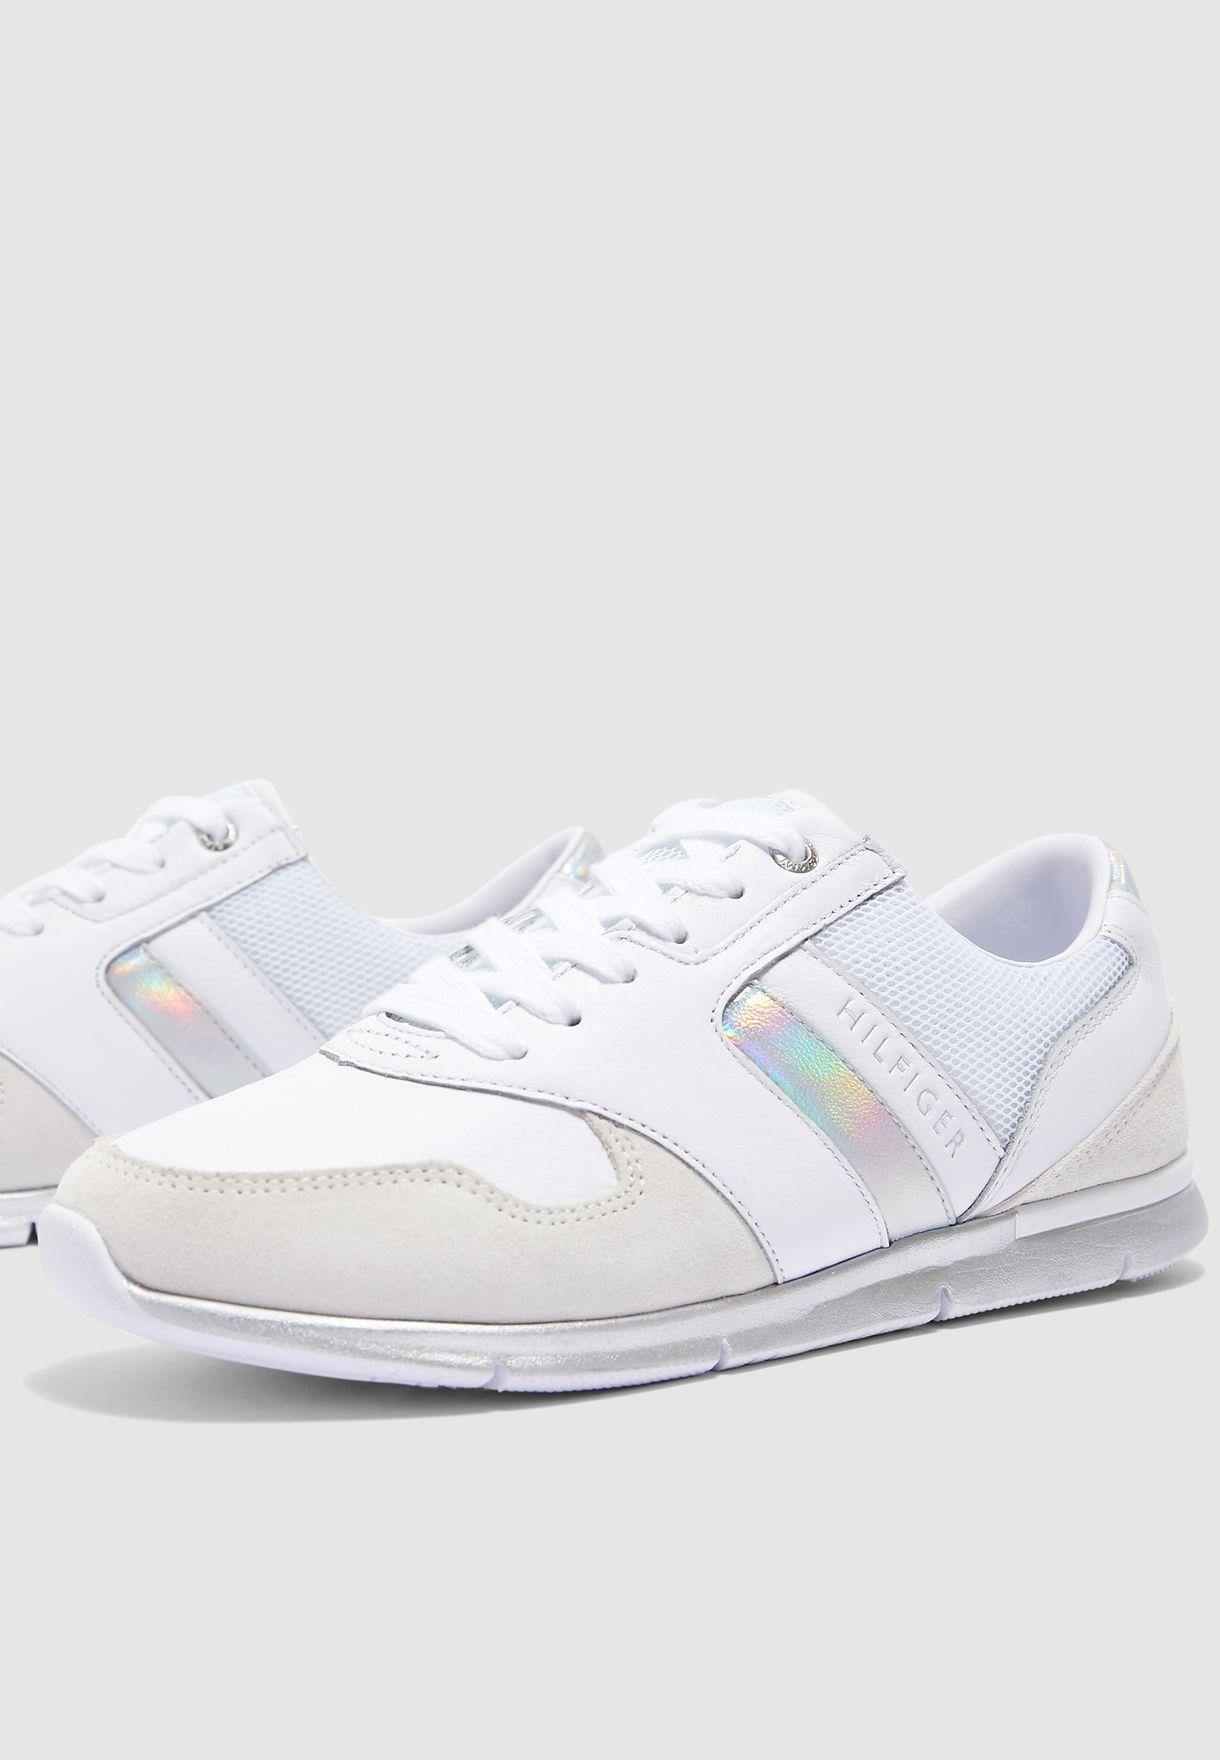 Iridescent Light Sneaker - White